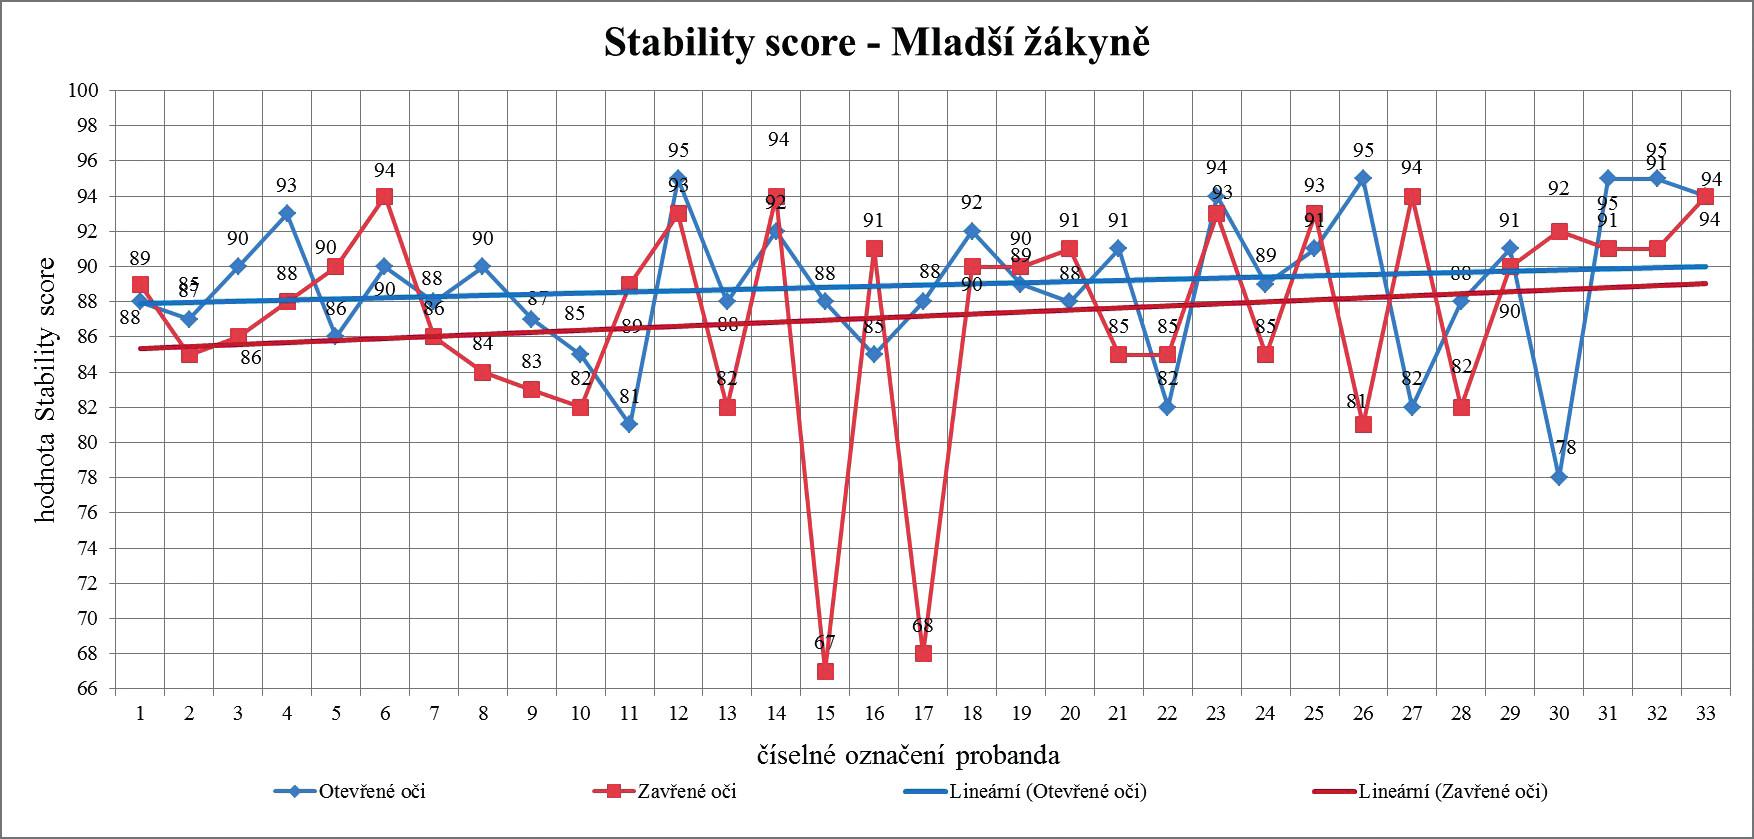 Lineární trend hodnot Stability score při otevřených a zavřených očích u kategorie mladší žákyně v závislosti na délce praxe v synchronizovaném plavání.